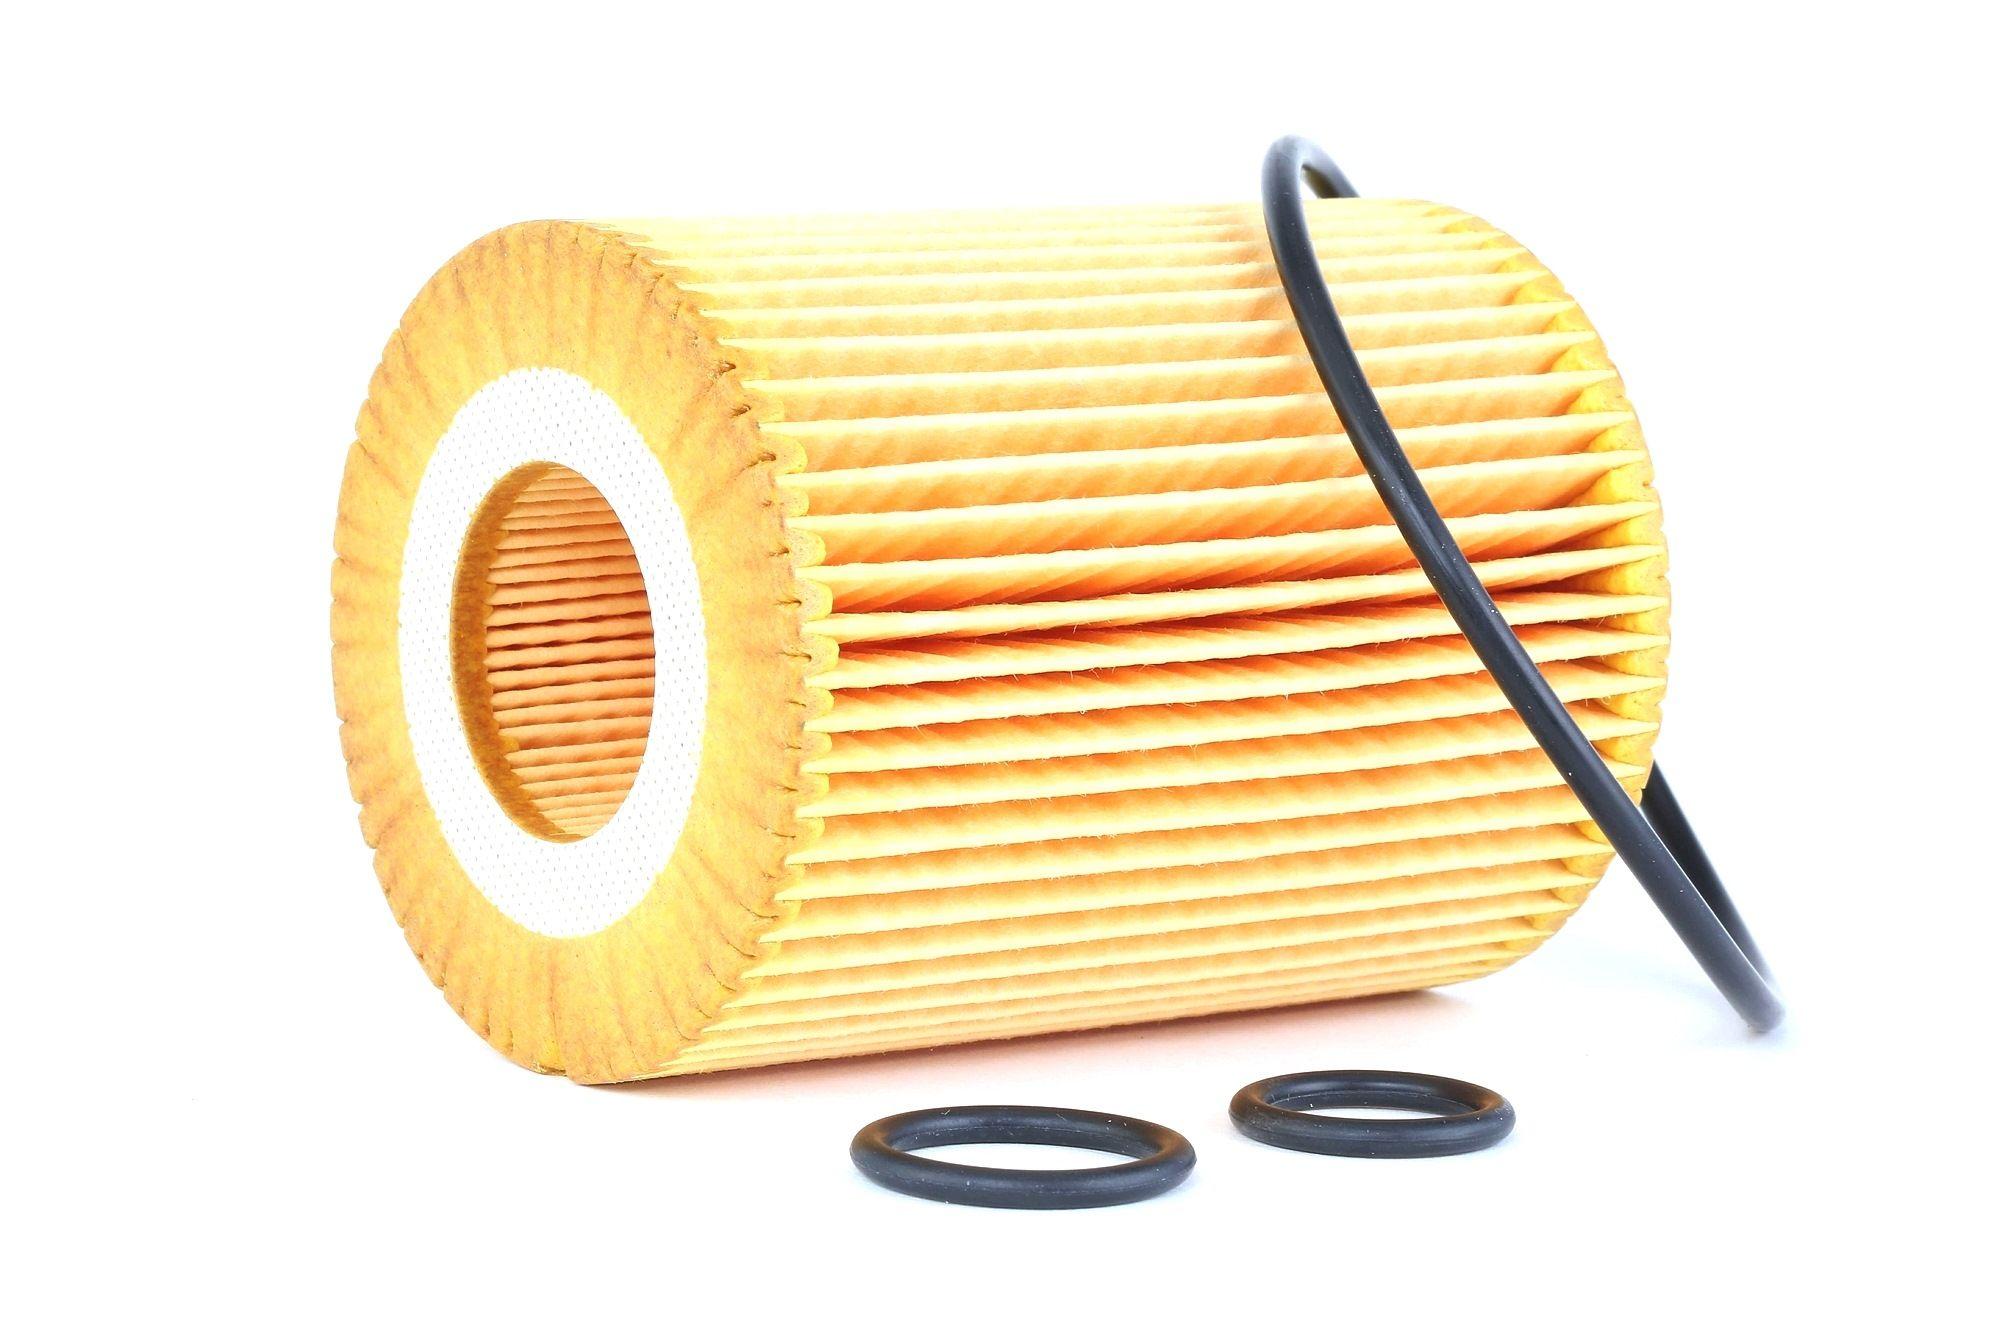 MANN-FILTER: Original Ölfilter HU 820 x (Innendurchmesser: 31mm, Innendurchmesser 2: 31mm, Ø: 72mm, Höhe: 92mm)